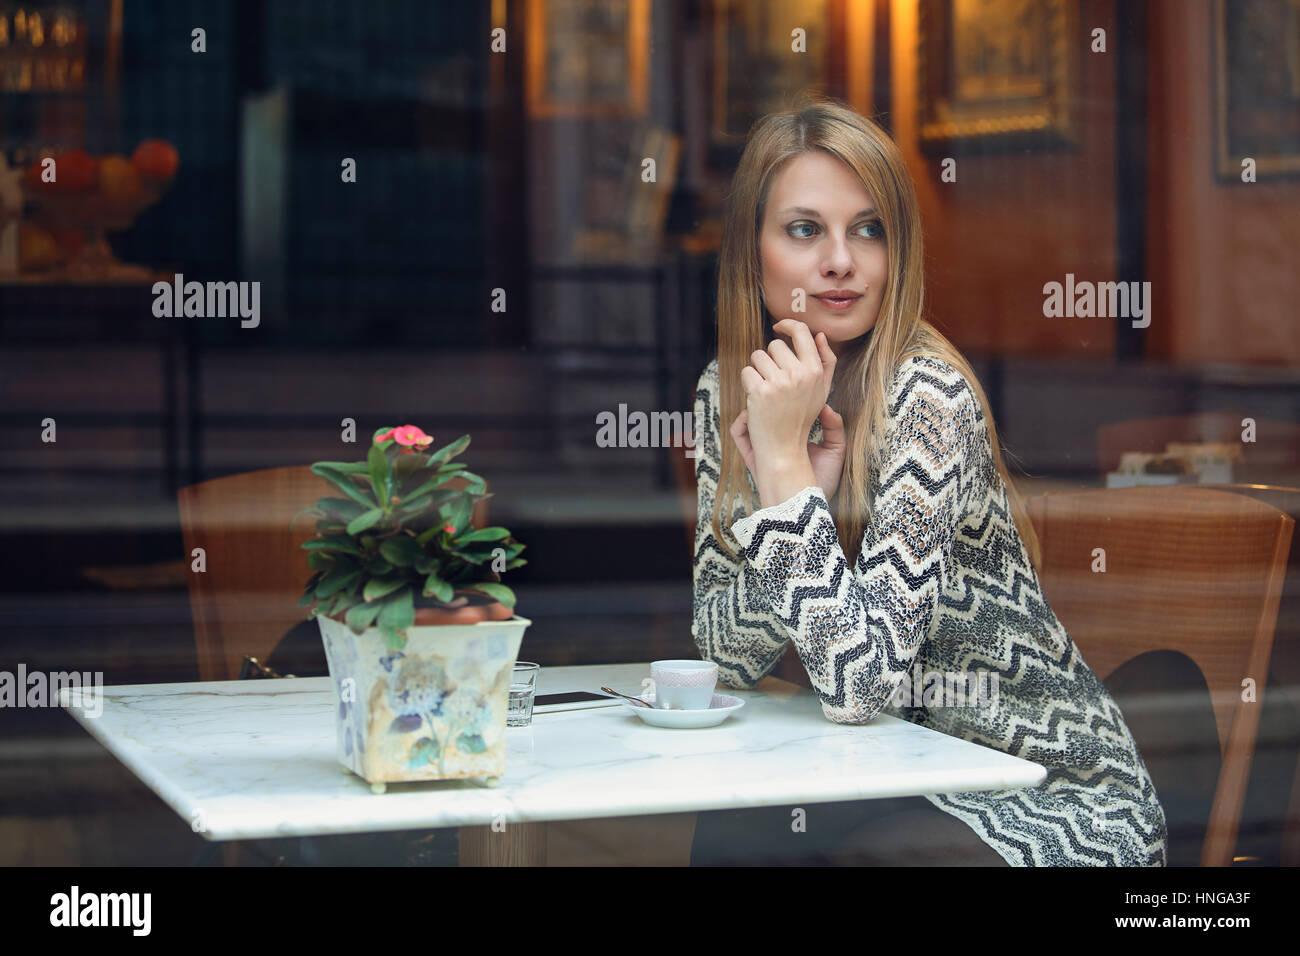 Mujer joven tomando un descanso en una elegante cafetería. El estilo de vida urbano Imagen De Stock